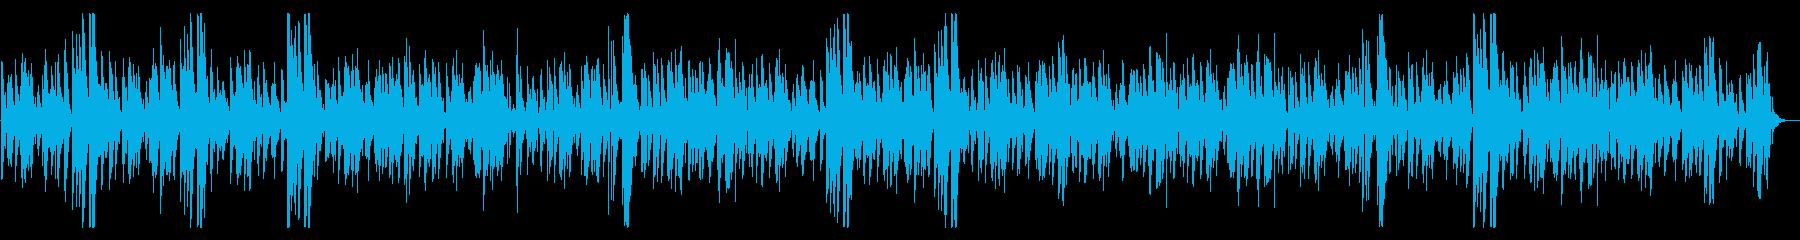 優しいお洒落モダンなジャズピアノバラードの再生済みの波形